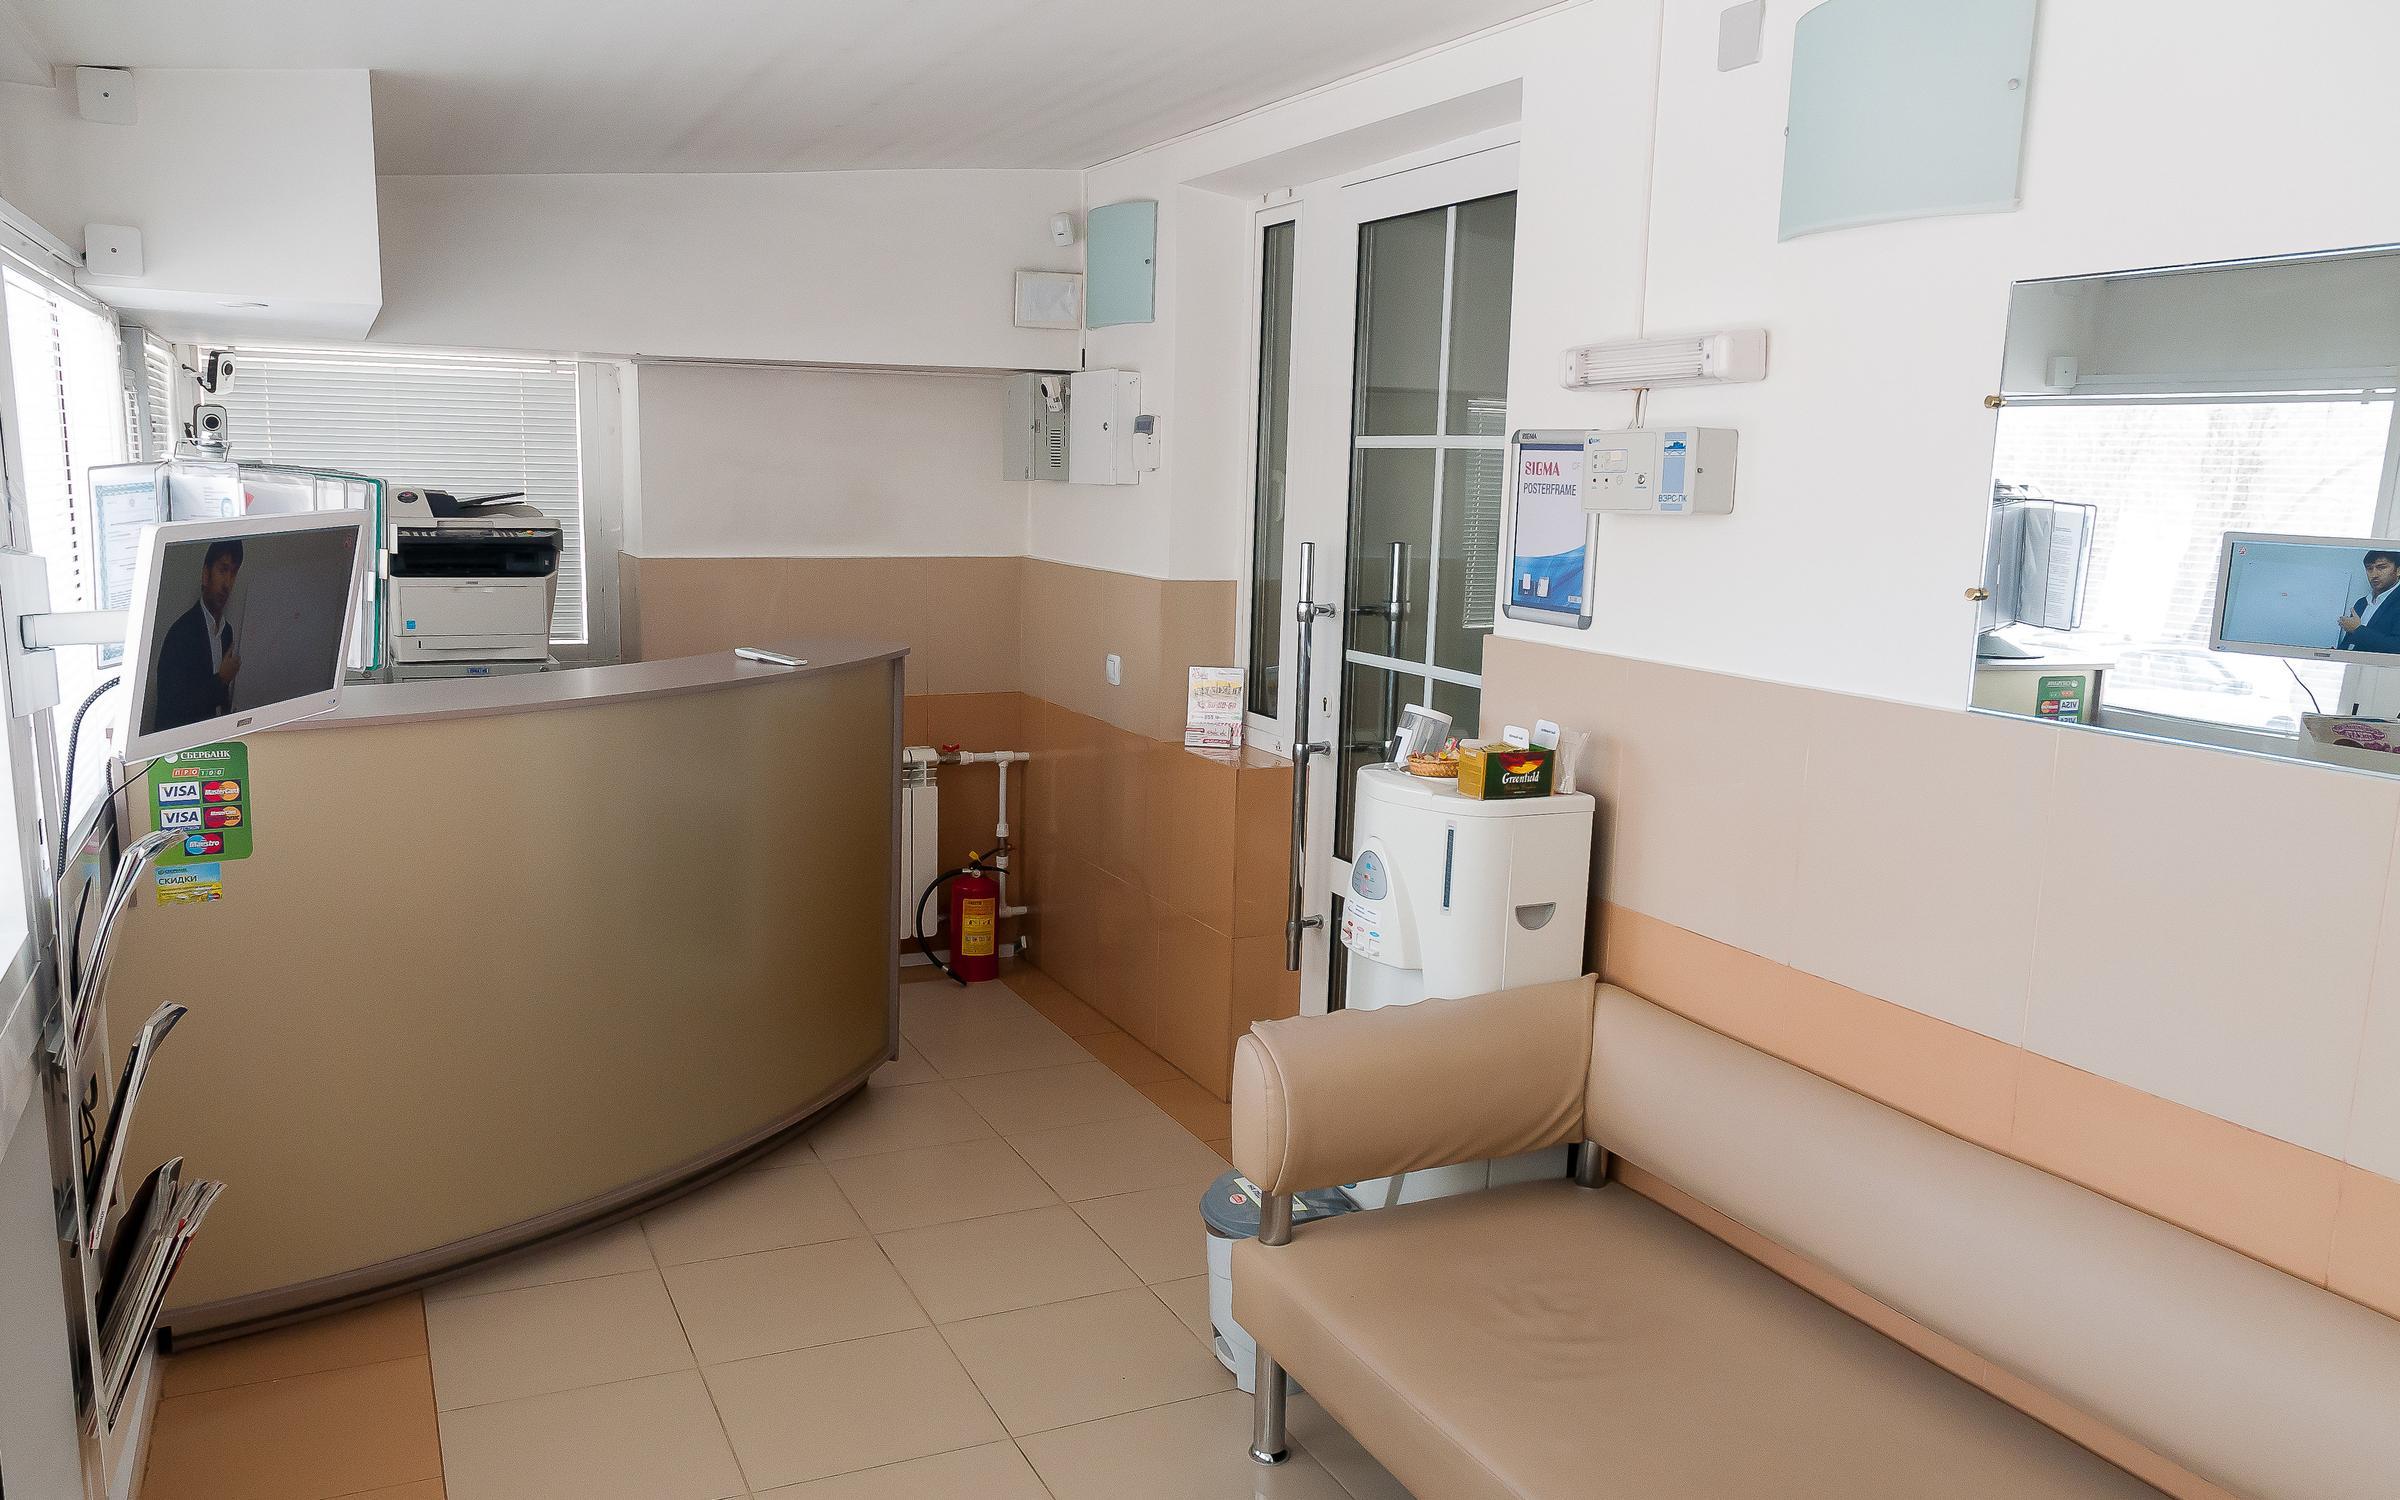 фотография Наркологической клиники Амбулатория здоровья